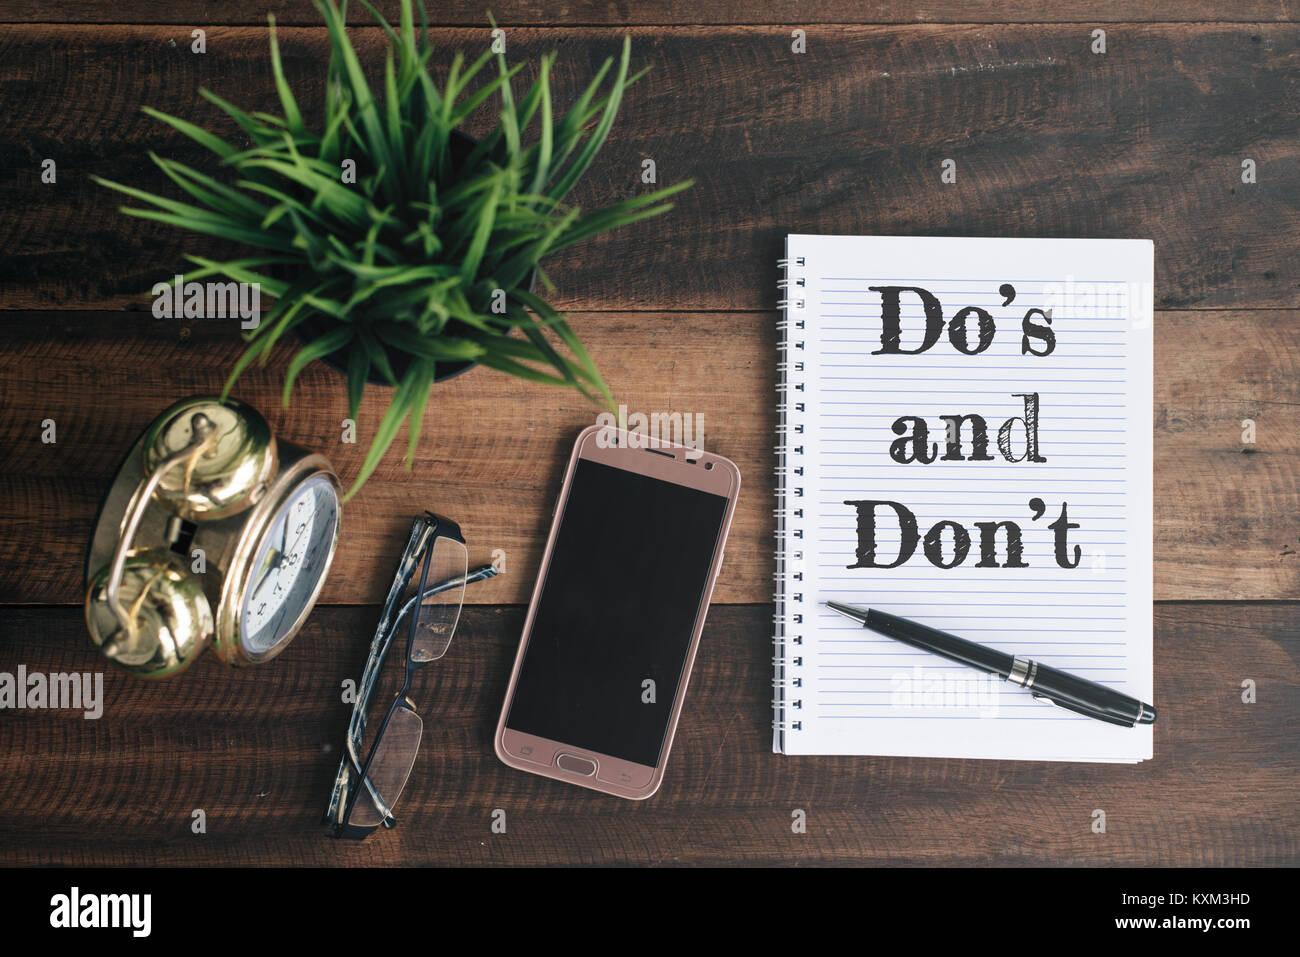 Teléfono, gafas, reloj, planta verde y portátil con hacer y no word concepto de estilo de vida. Imagen De Stock